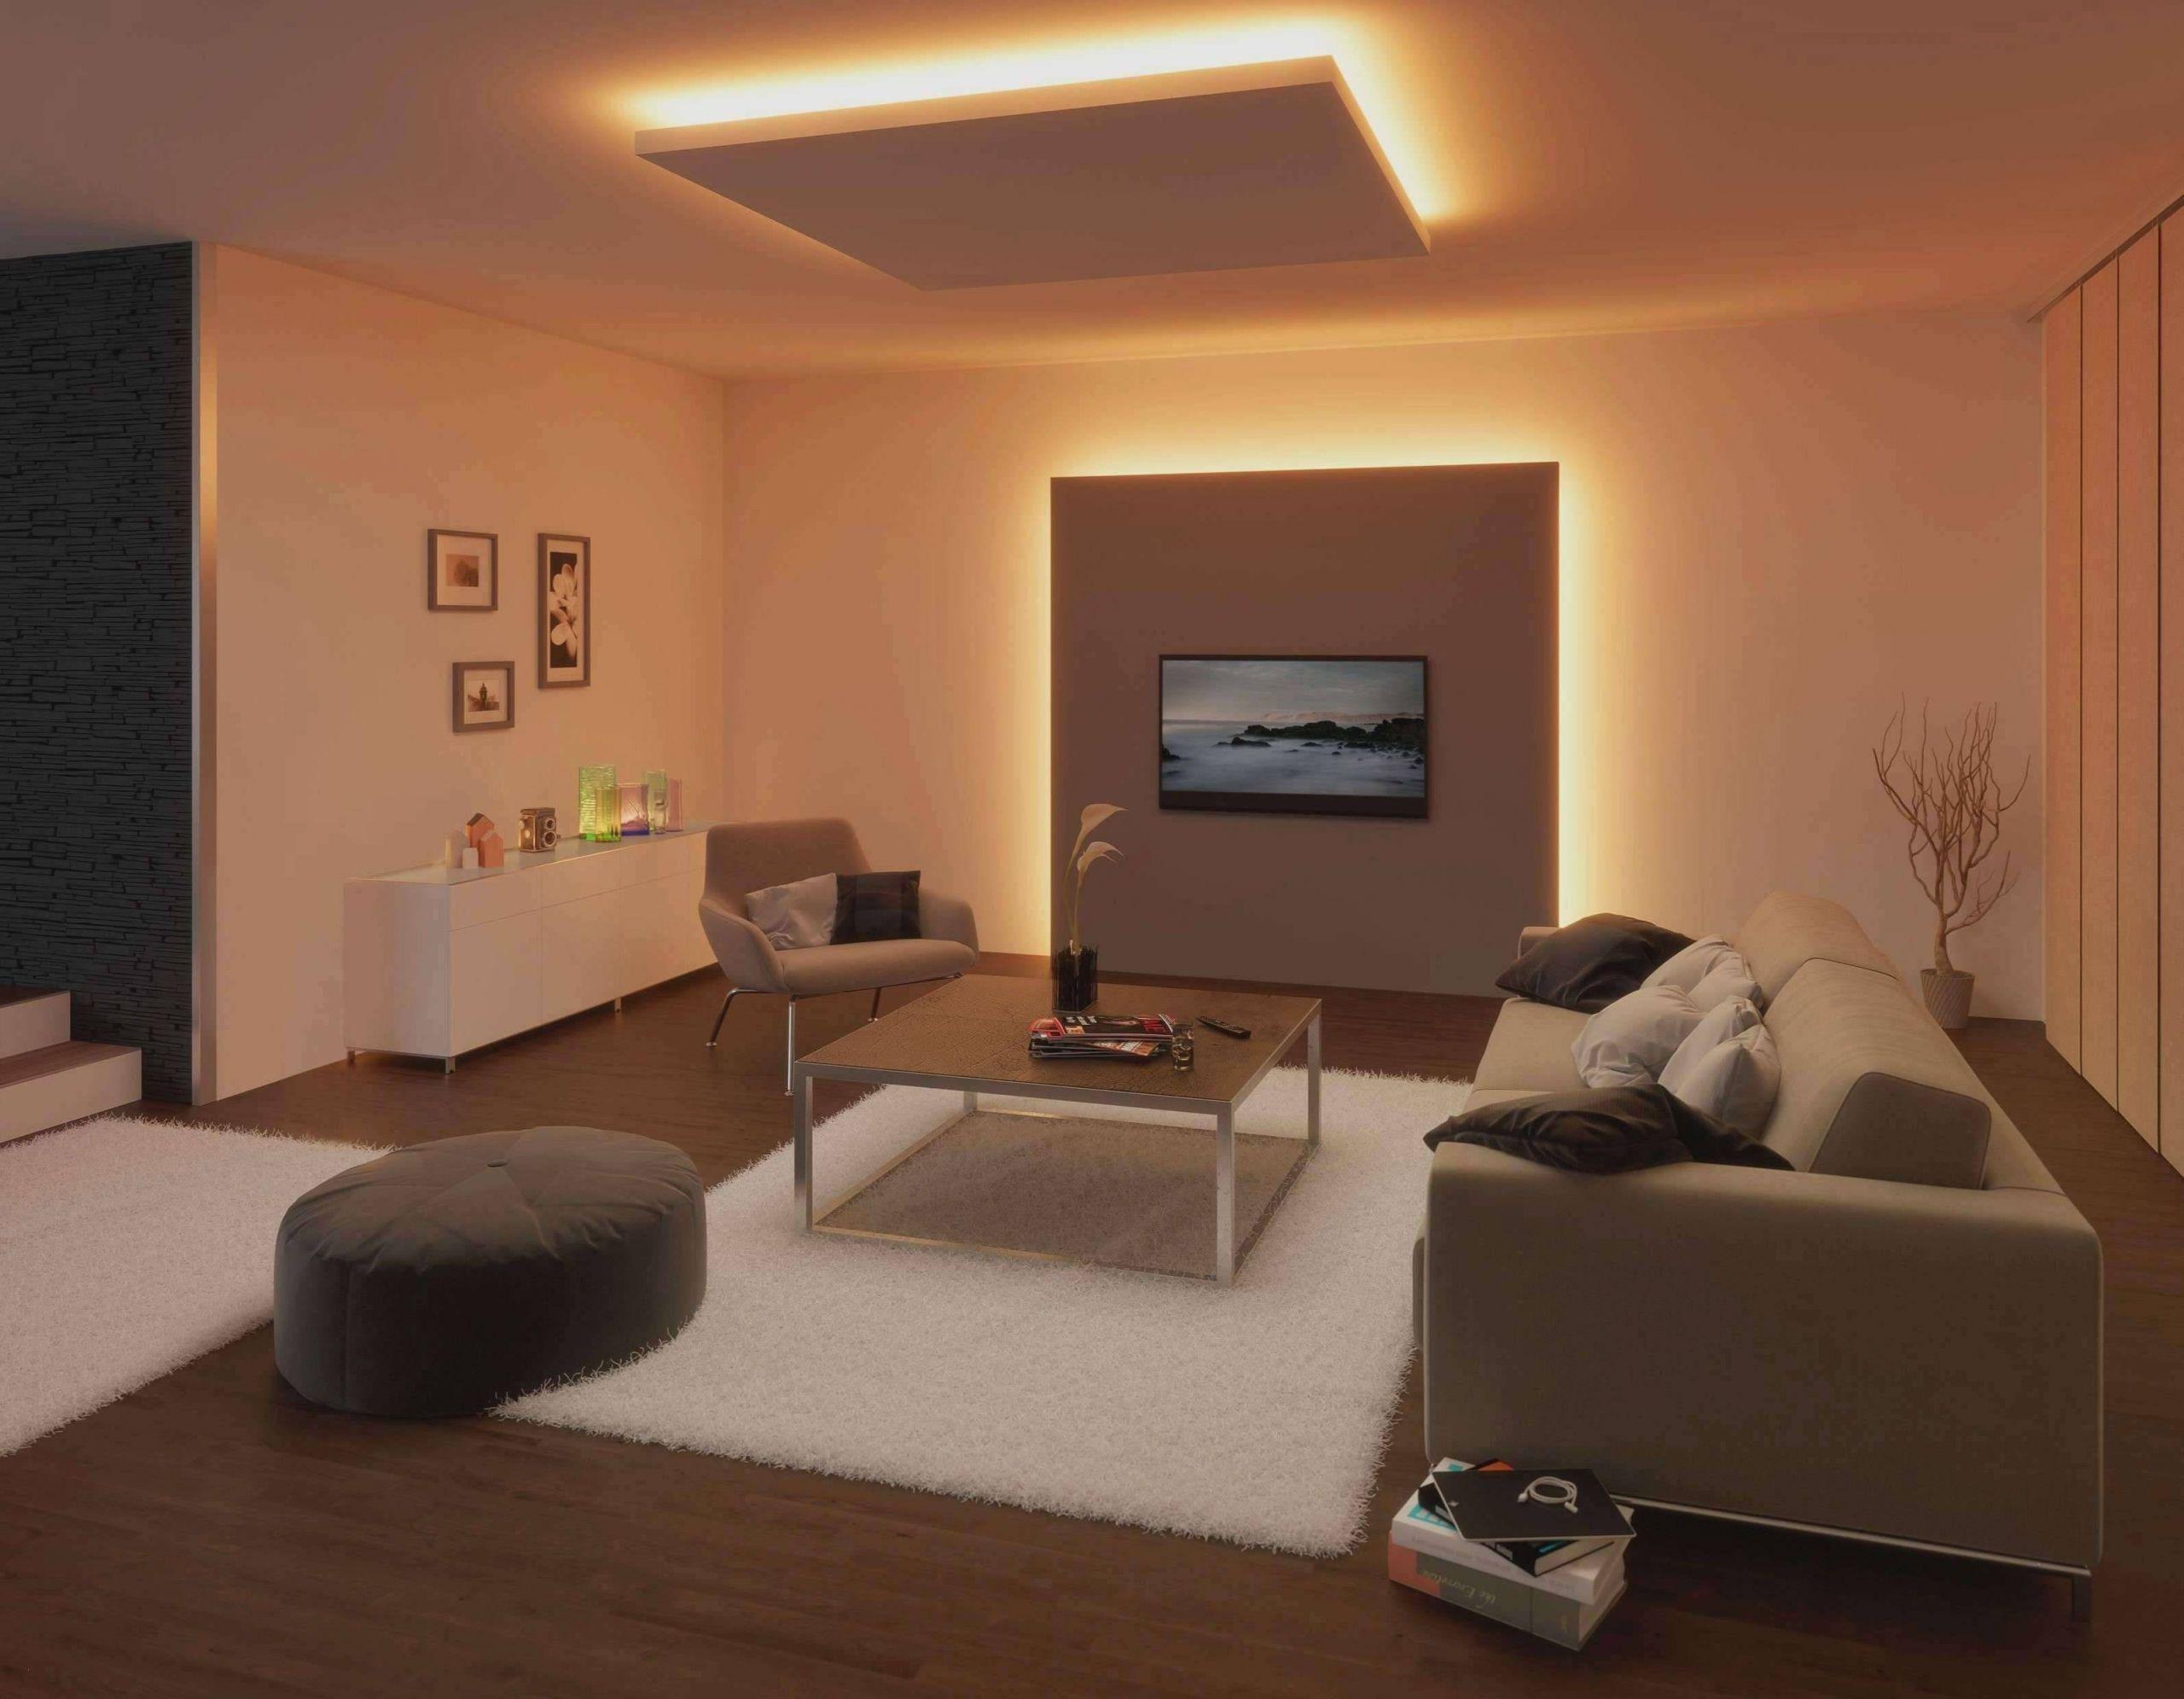 deko fur wohnzimmer ecken beautiful 45 genial haustur deko grafik of deko fur wohnzimmer ecken